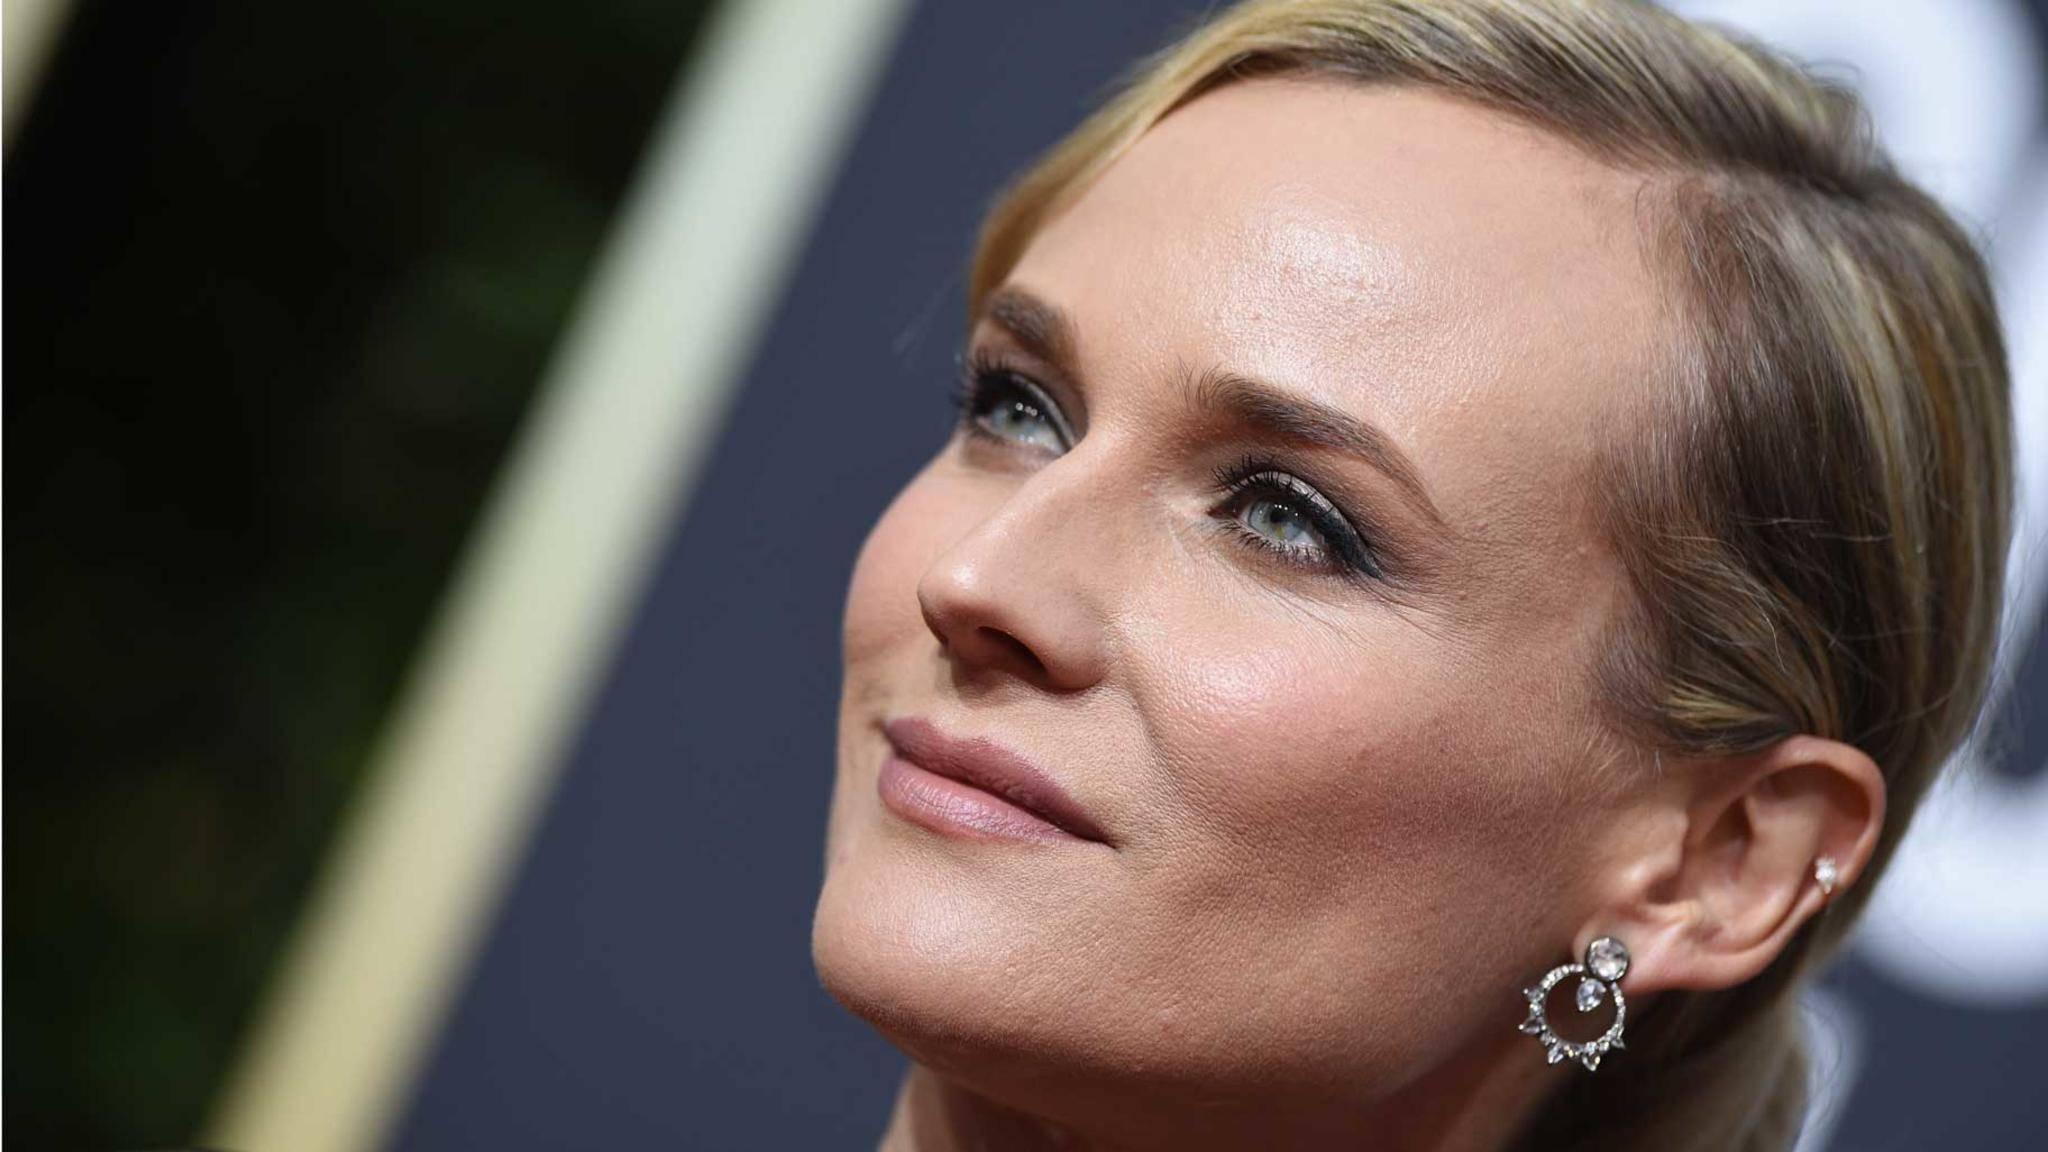 """Spielt Norman Reedus' Freundin Diane Kruger in """"Death Stranding"""" eine Hauptrolle?"""